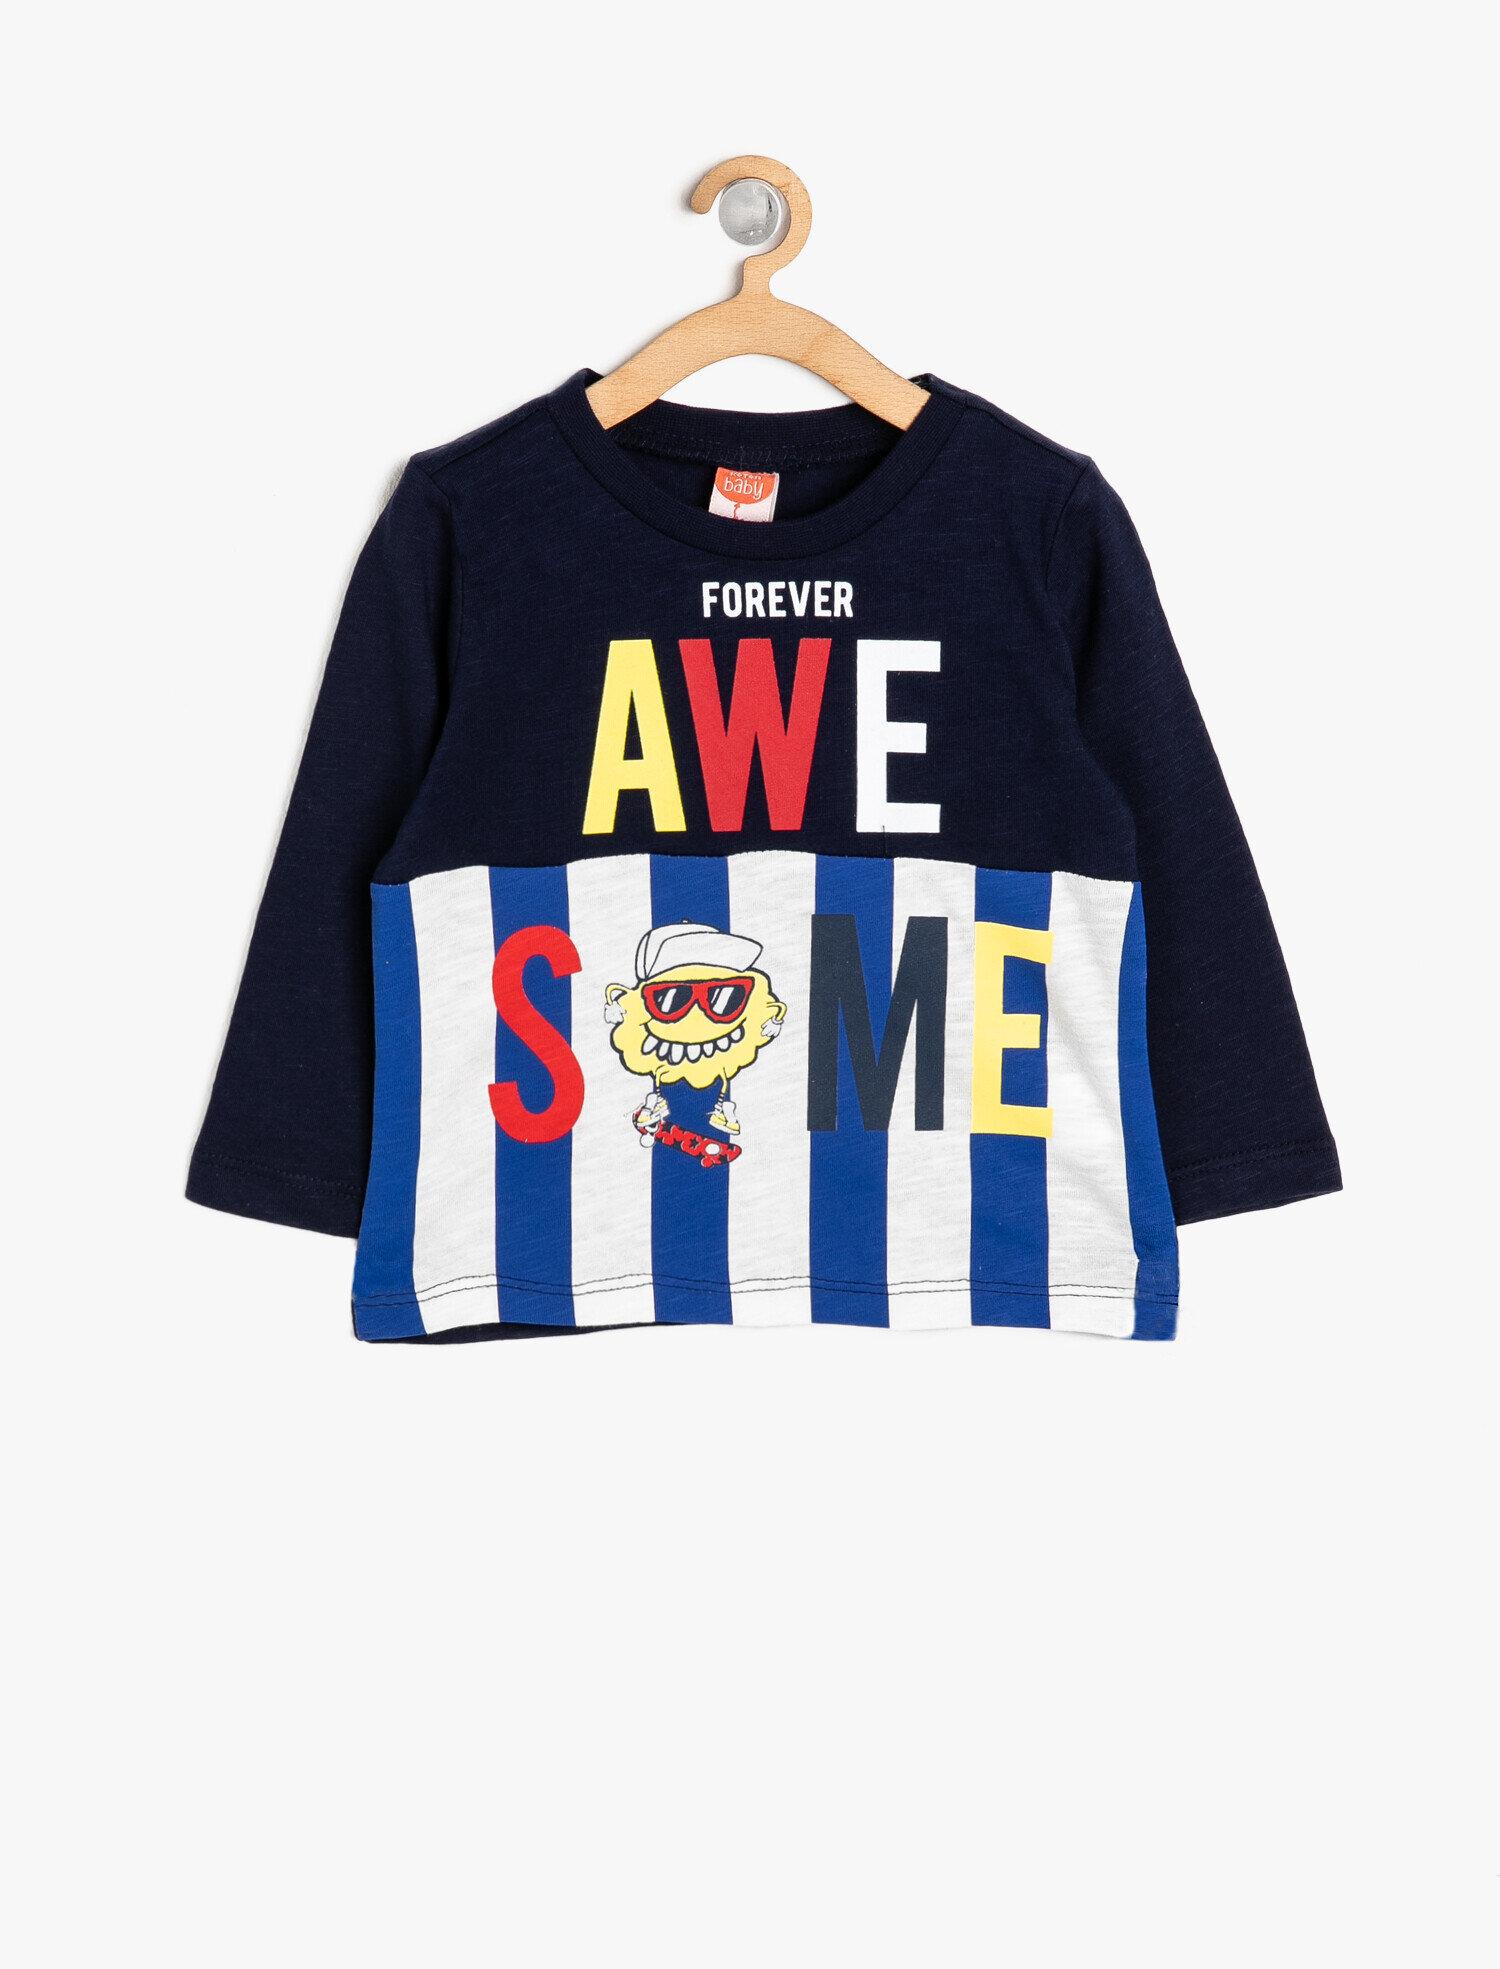 Koton Erkek Çocuk Yazili Baskili T-Shirt Lacivert Ürün Resmi